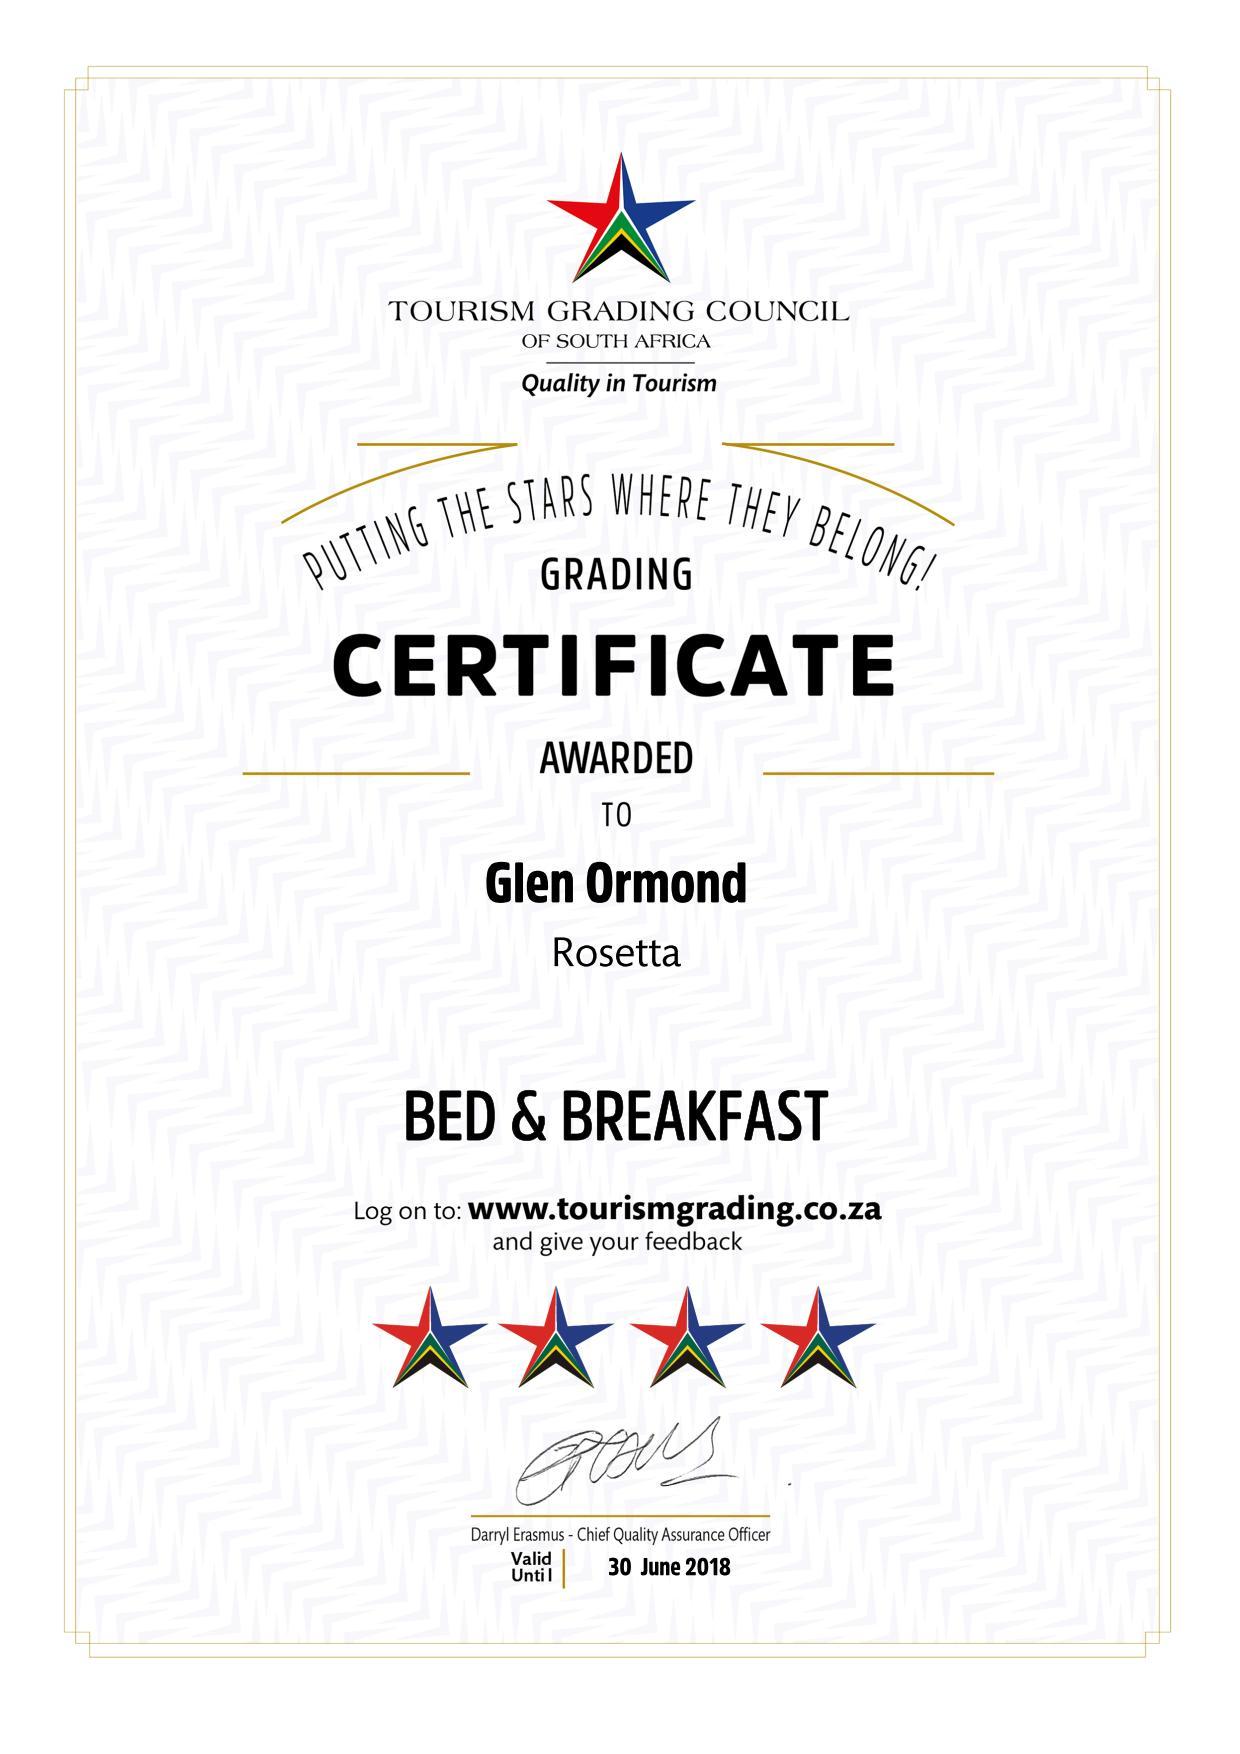 TGCSA 4 star certification